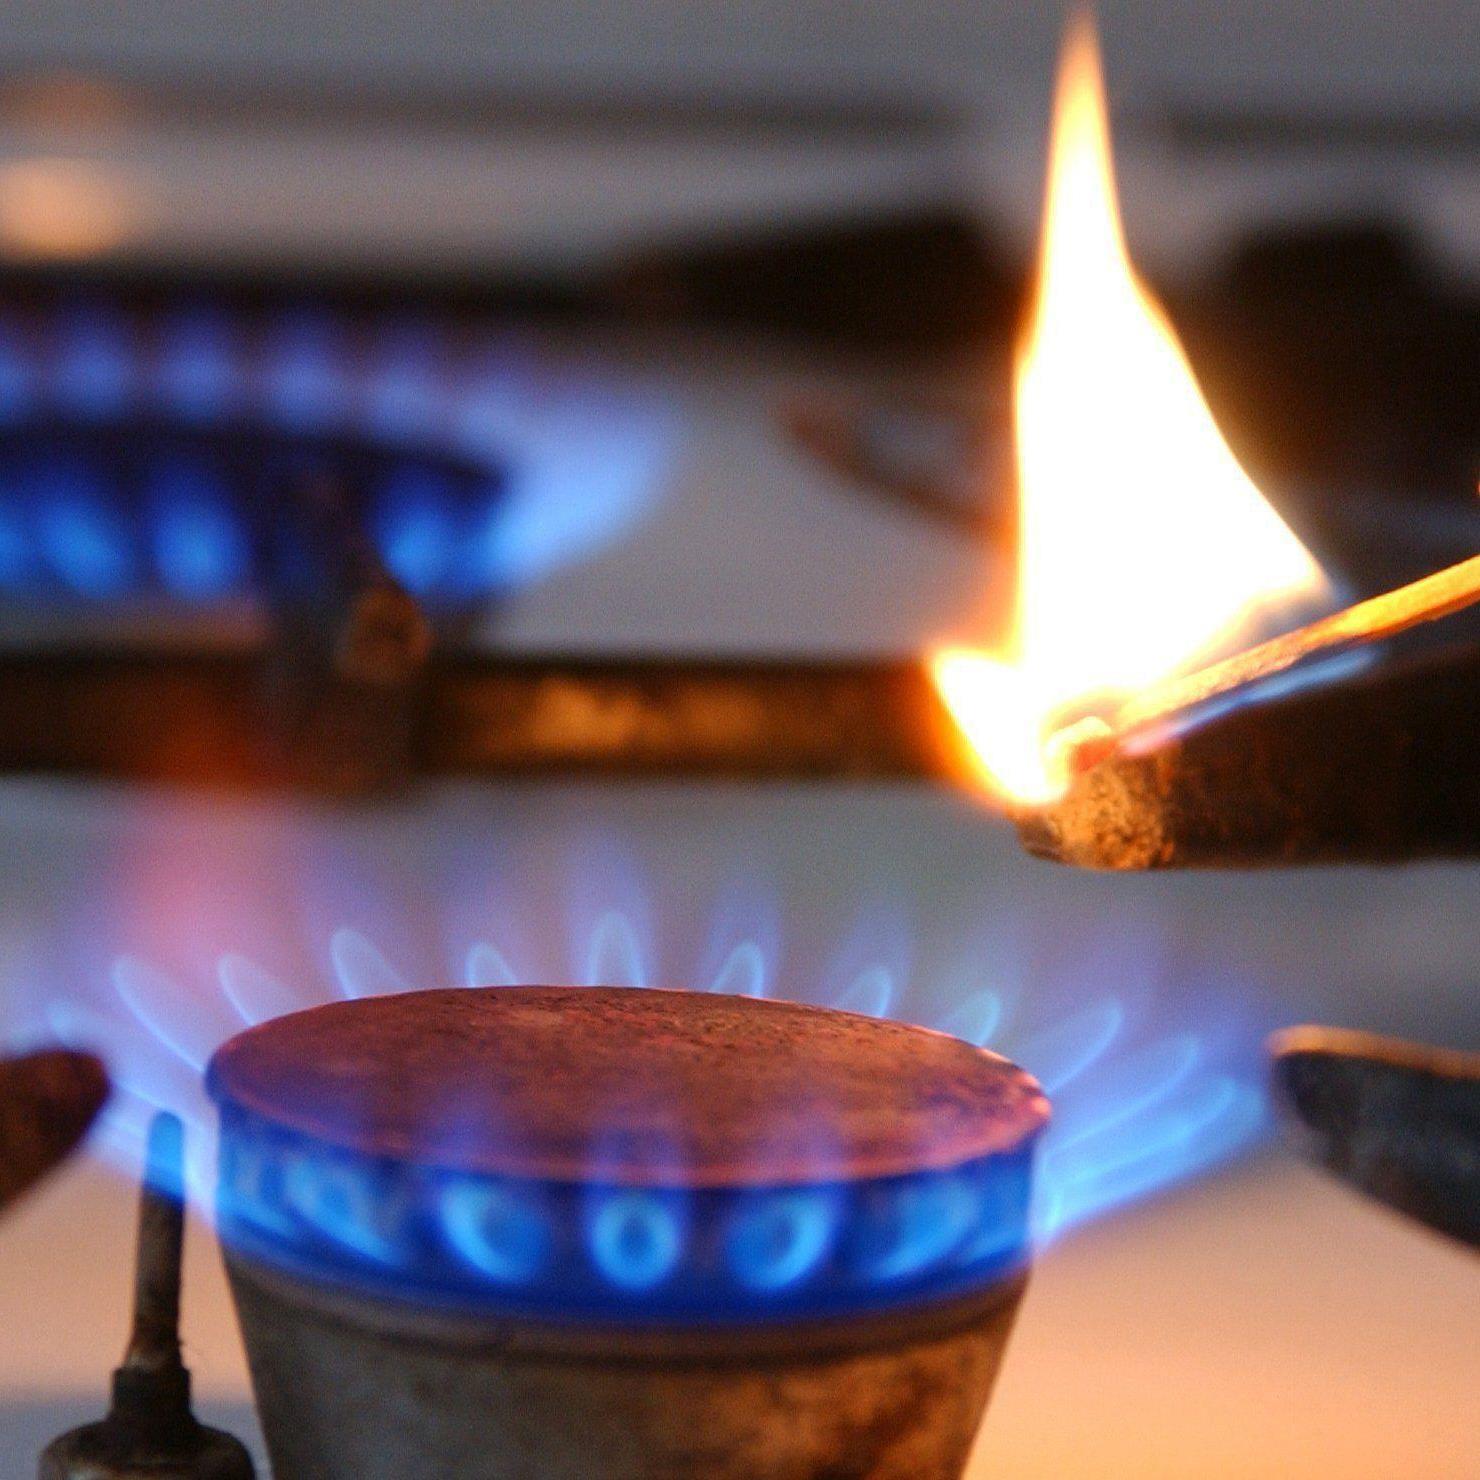 Flamme im österreichischen Gasmarkt-Wettbewerb aufgedreht.